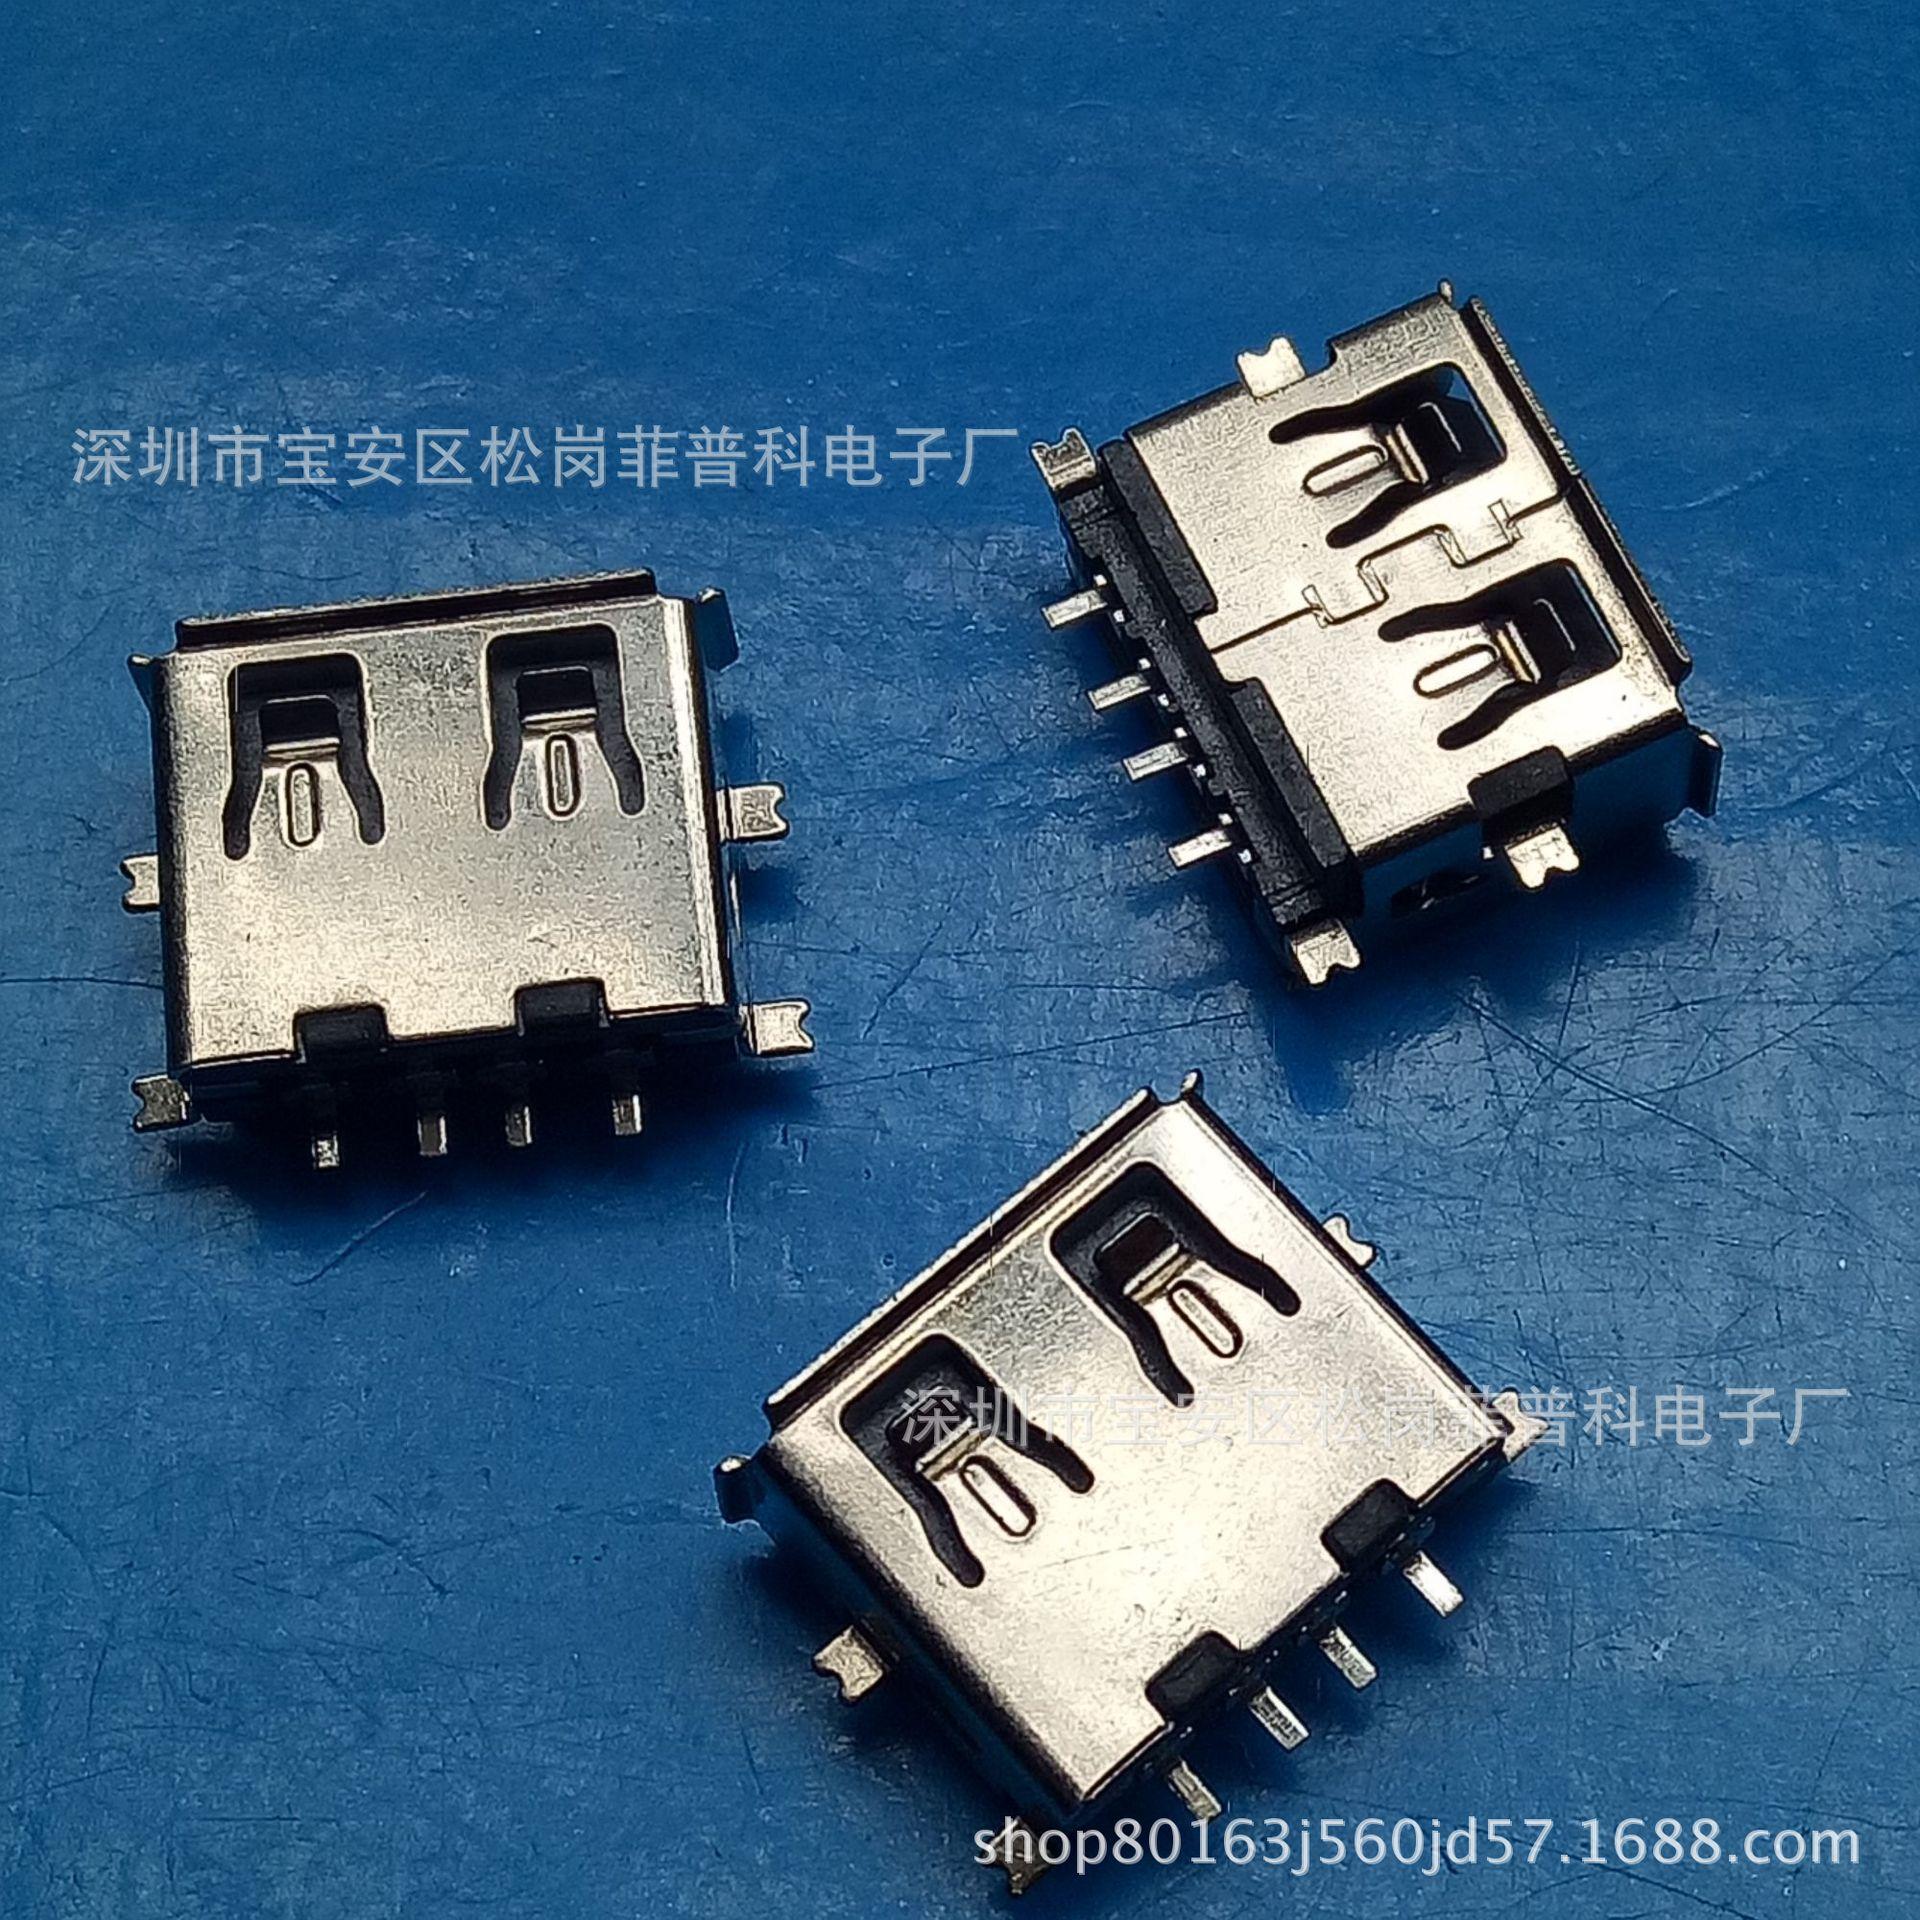 USB AF母座 沉板1.9MM 四脚全贴SMT 端子贴片 黑胶 卷边 短体